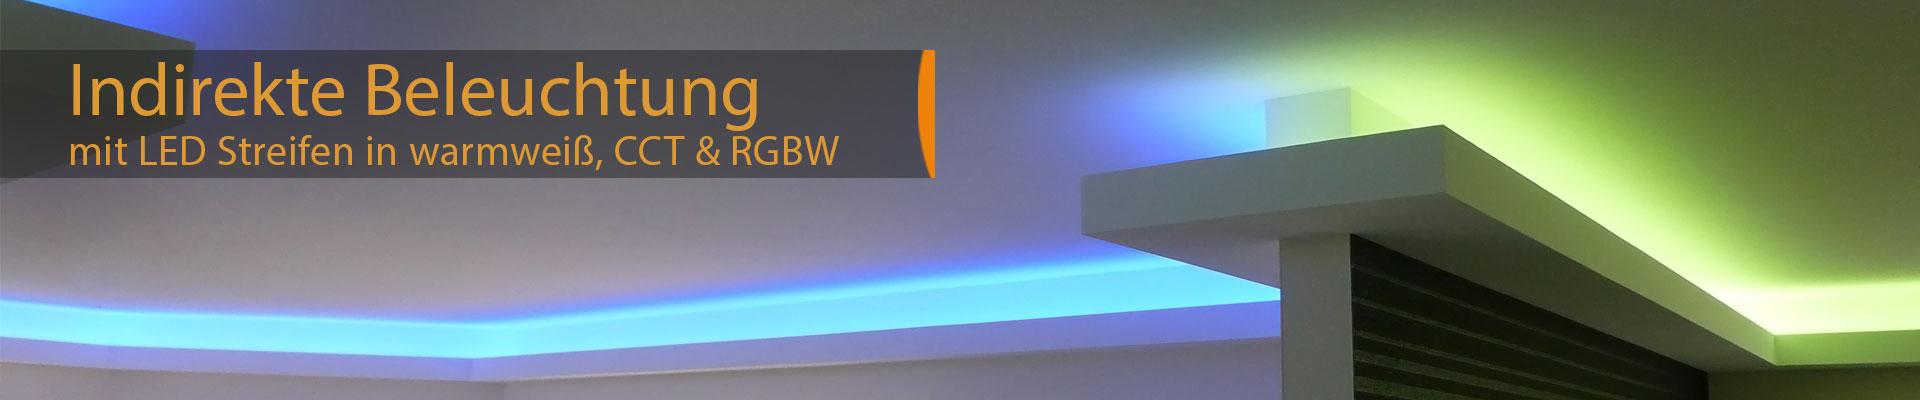 indirekte Wohnraumbeleuchtung mit LED